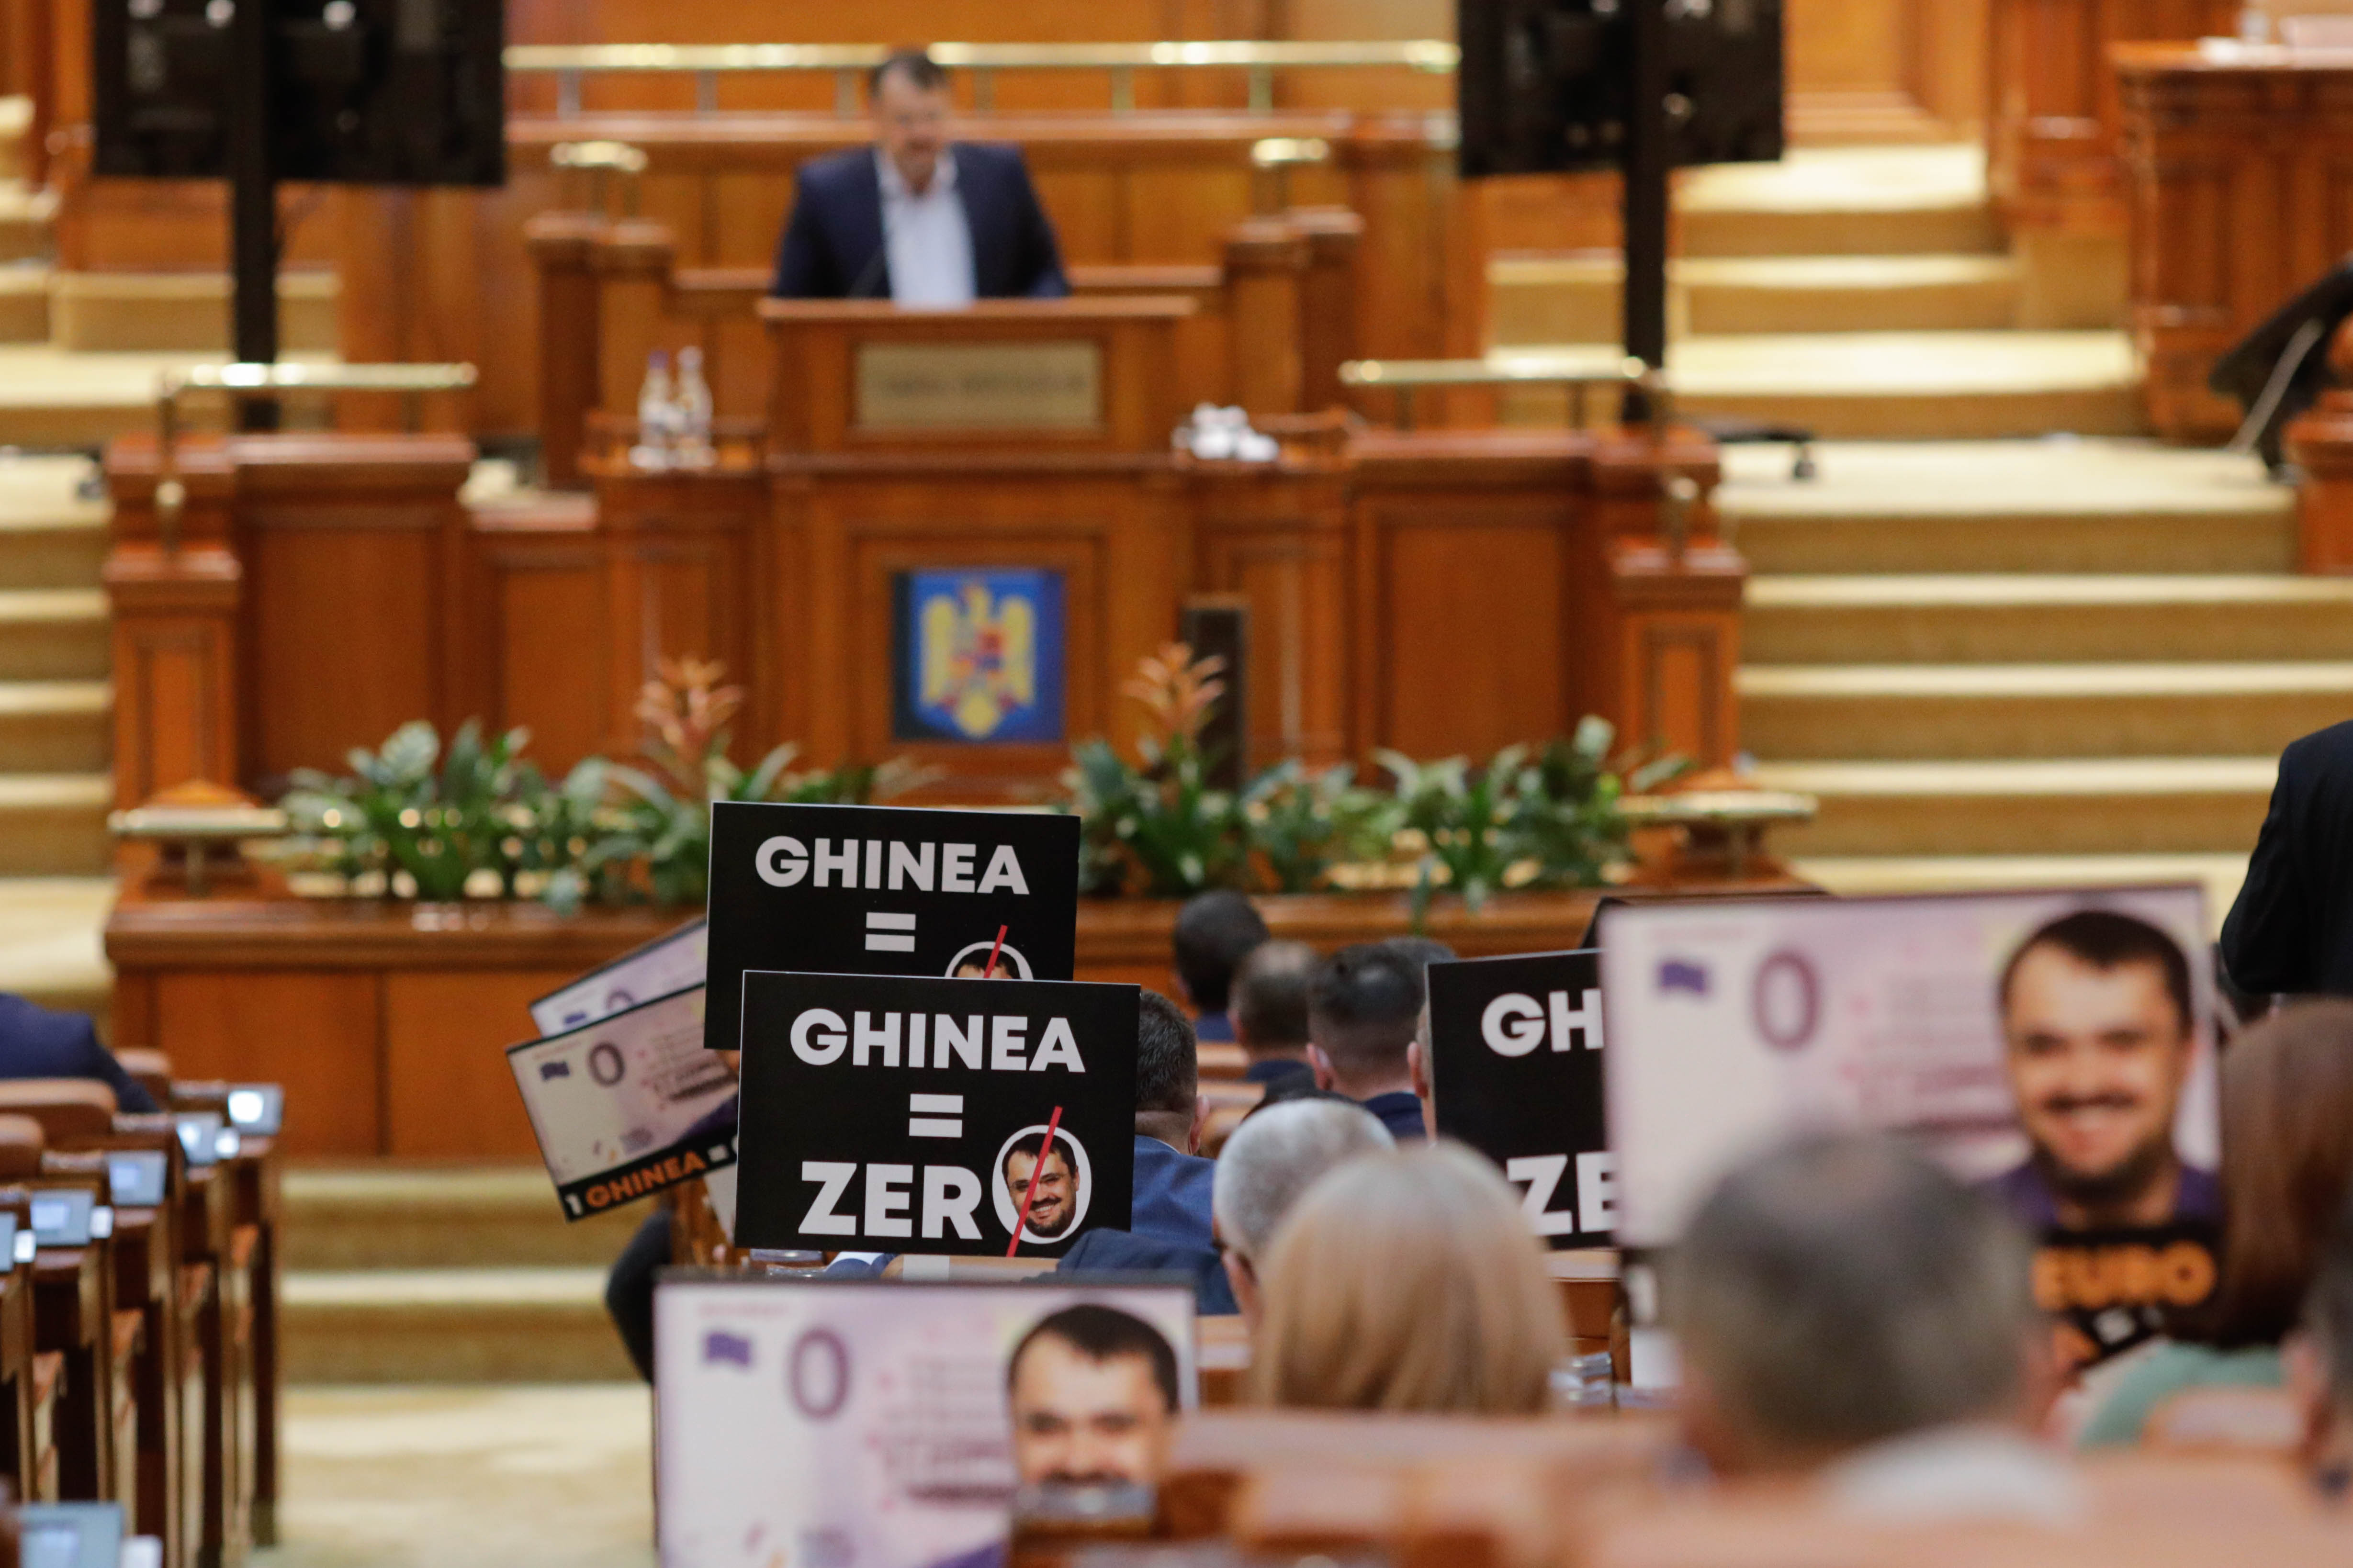 Motiunea simpla depusa de PSD impotriva ministrului Cristian Ghinea a fost respinsa